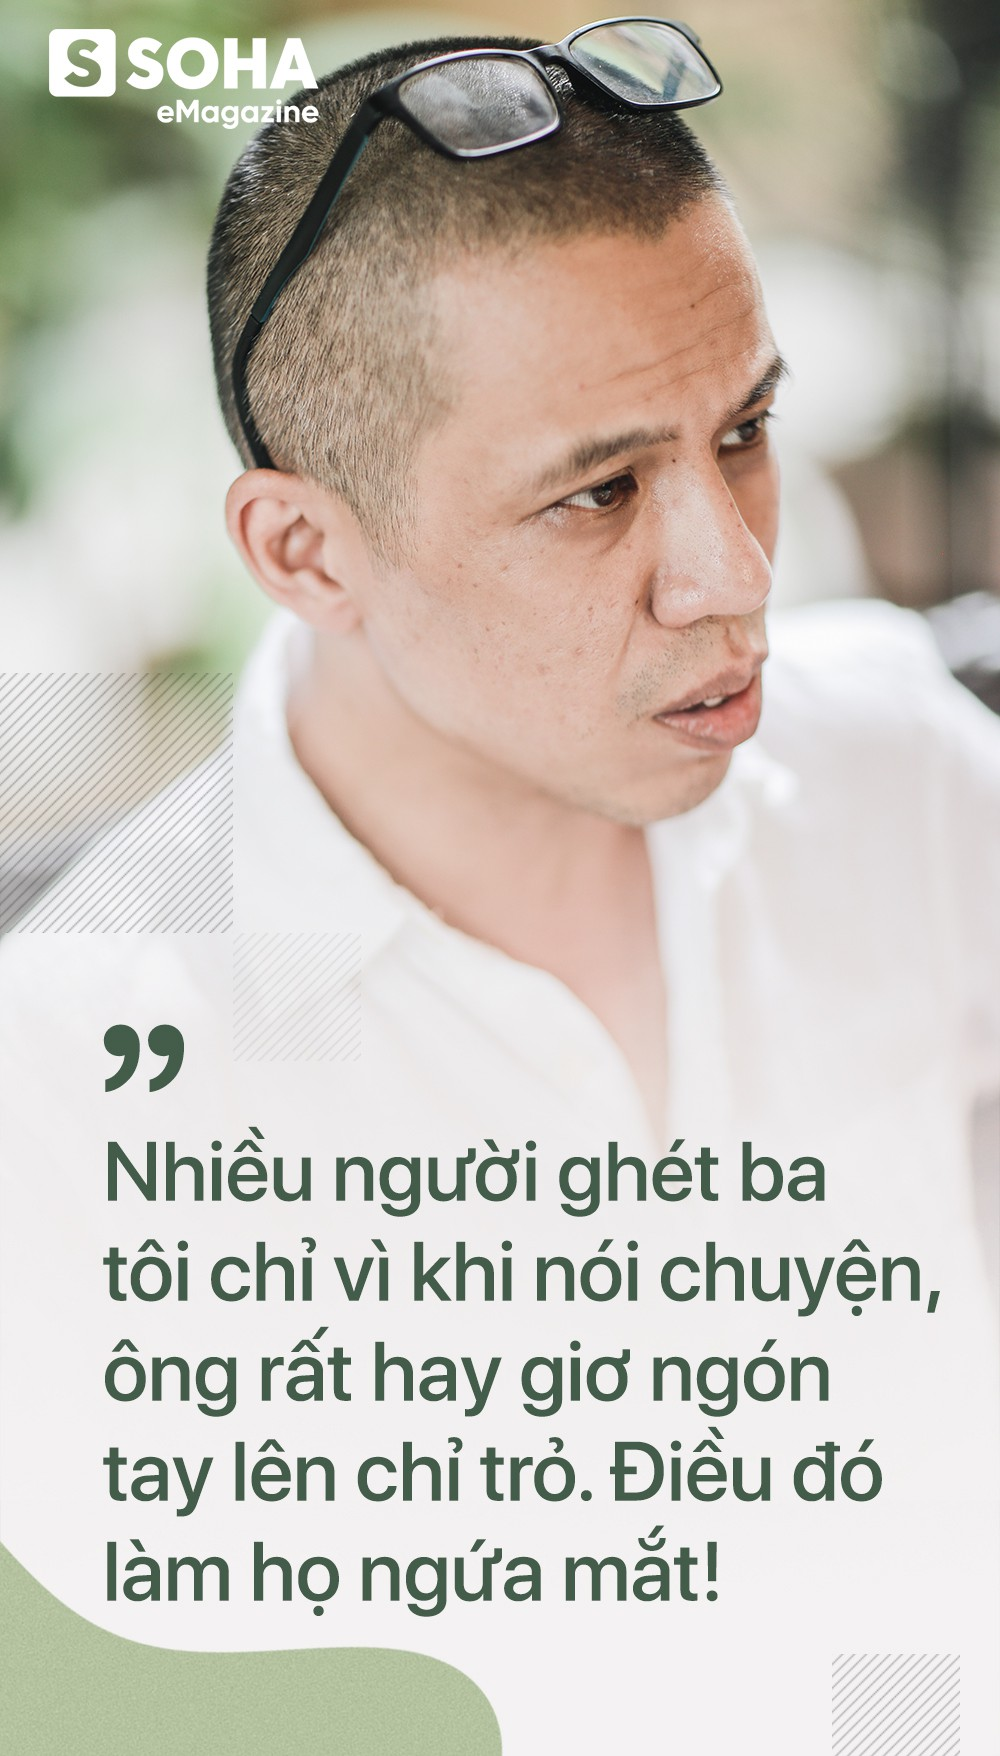 Con trai GS Hồ Ngọc Đại: Tôi đã cười không khép được mồm khi ba tôi bị vu là tình báo Trung Quốc - Ảnh 4.